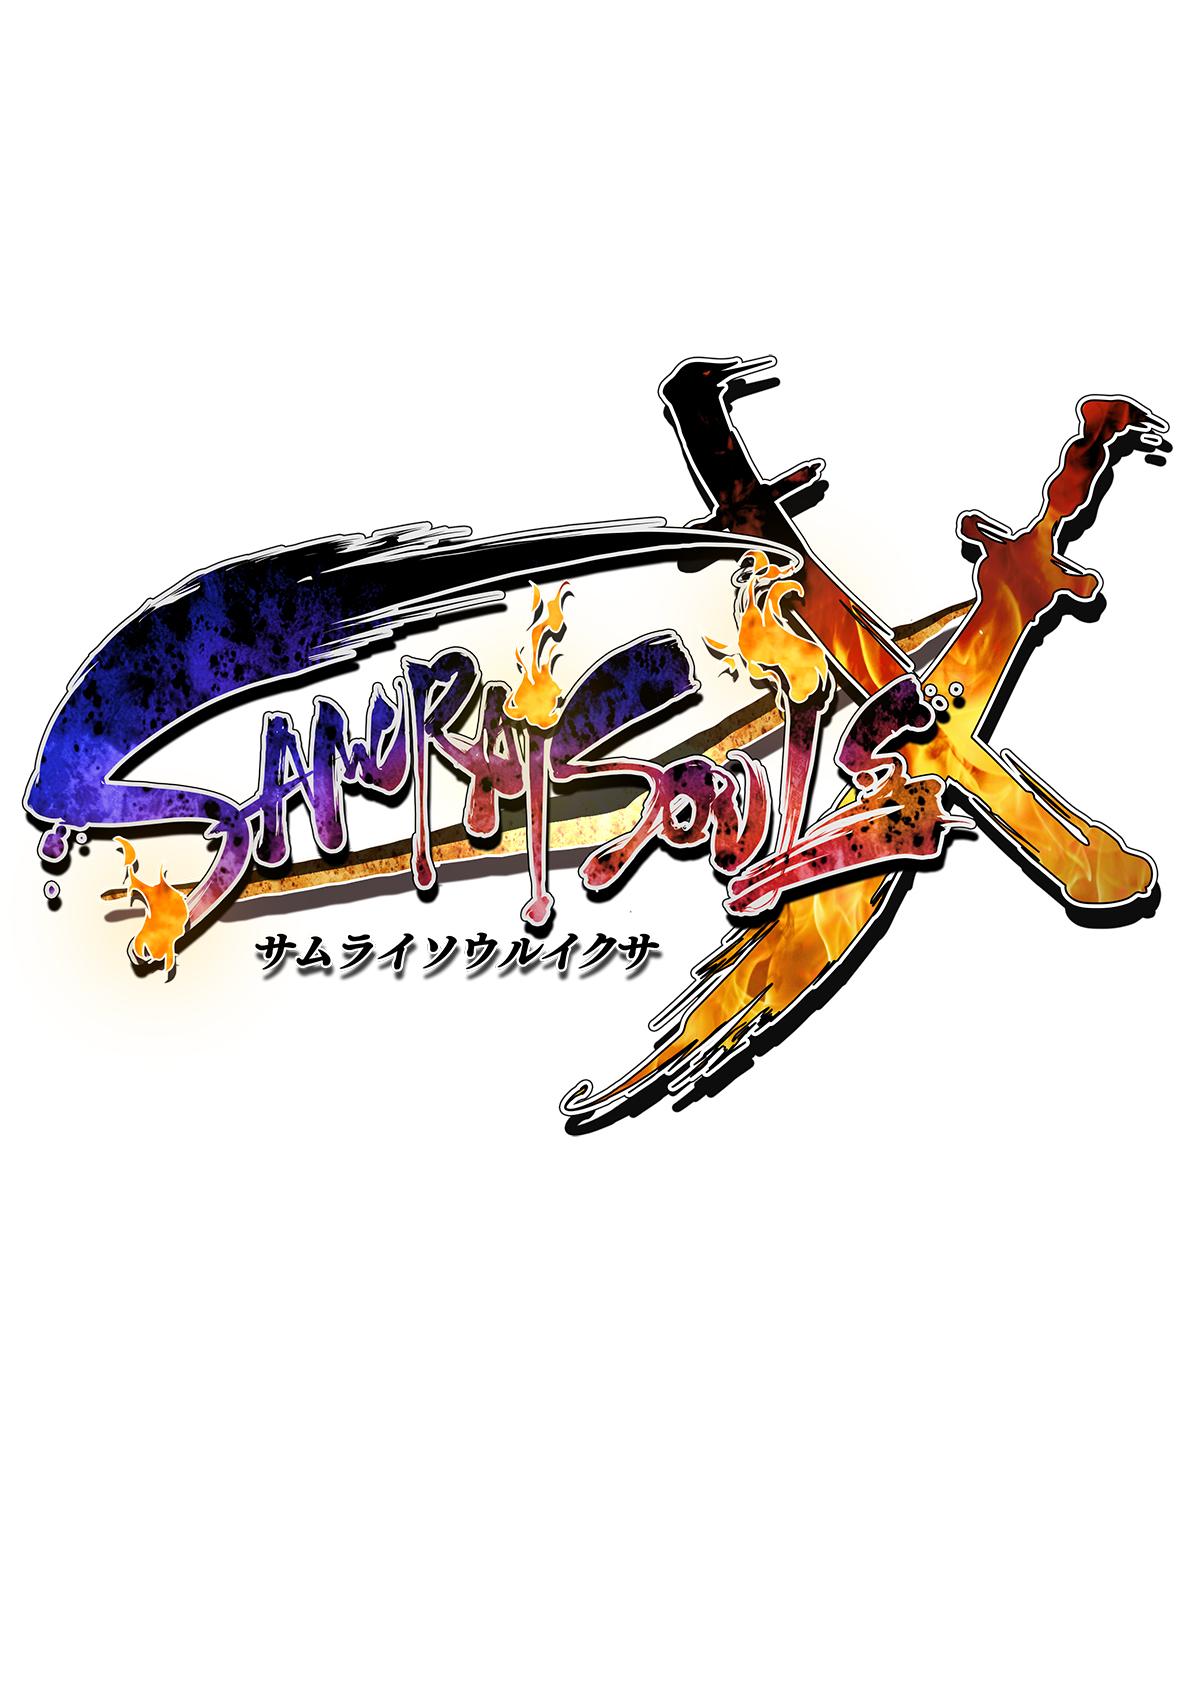 CJインターネットジャパンとナウプロダクション、「サムライソウル」の世界観を引き継ぐスマホ向け新作カードバトル「サムライソウルイクサ」を発表1